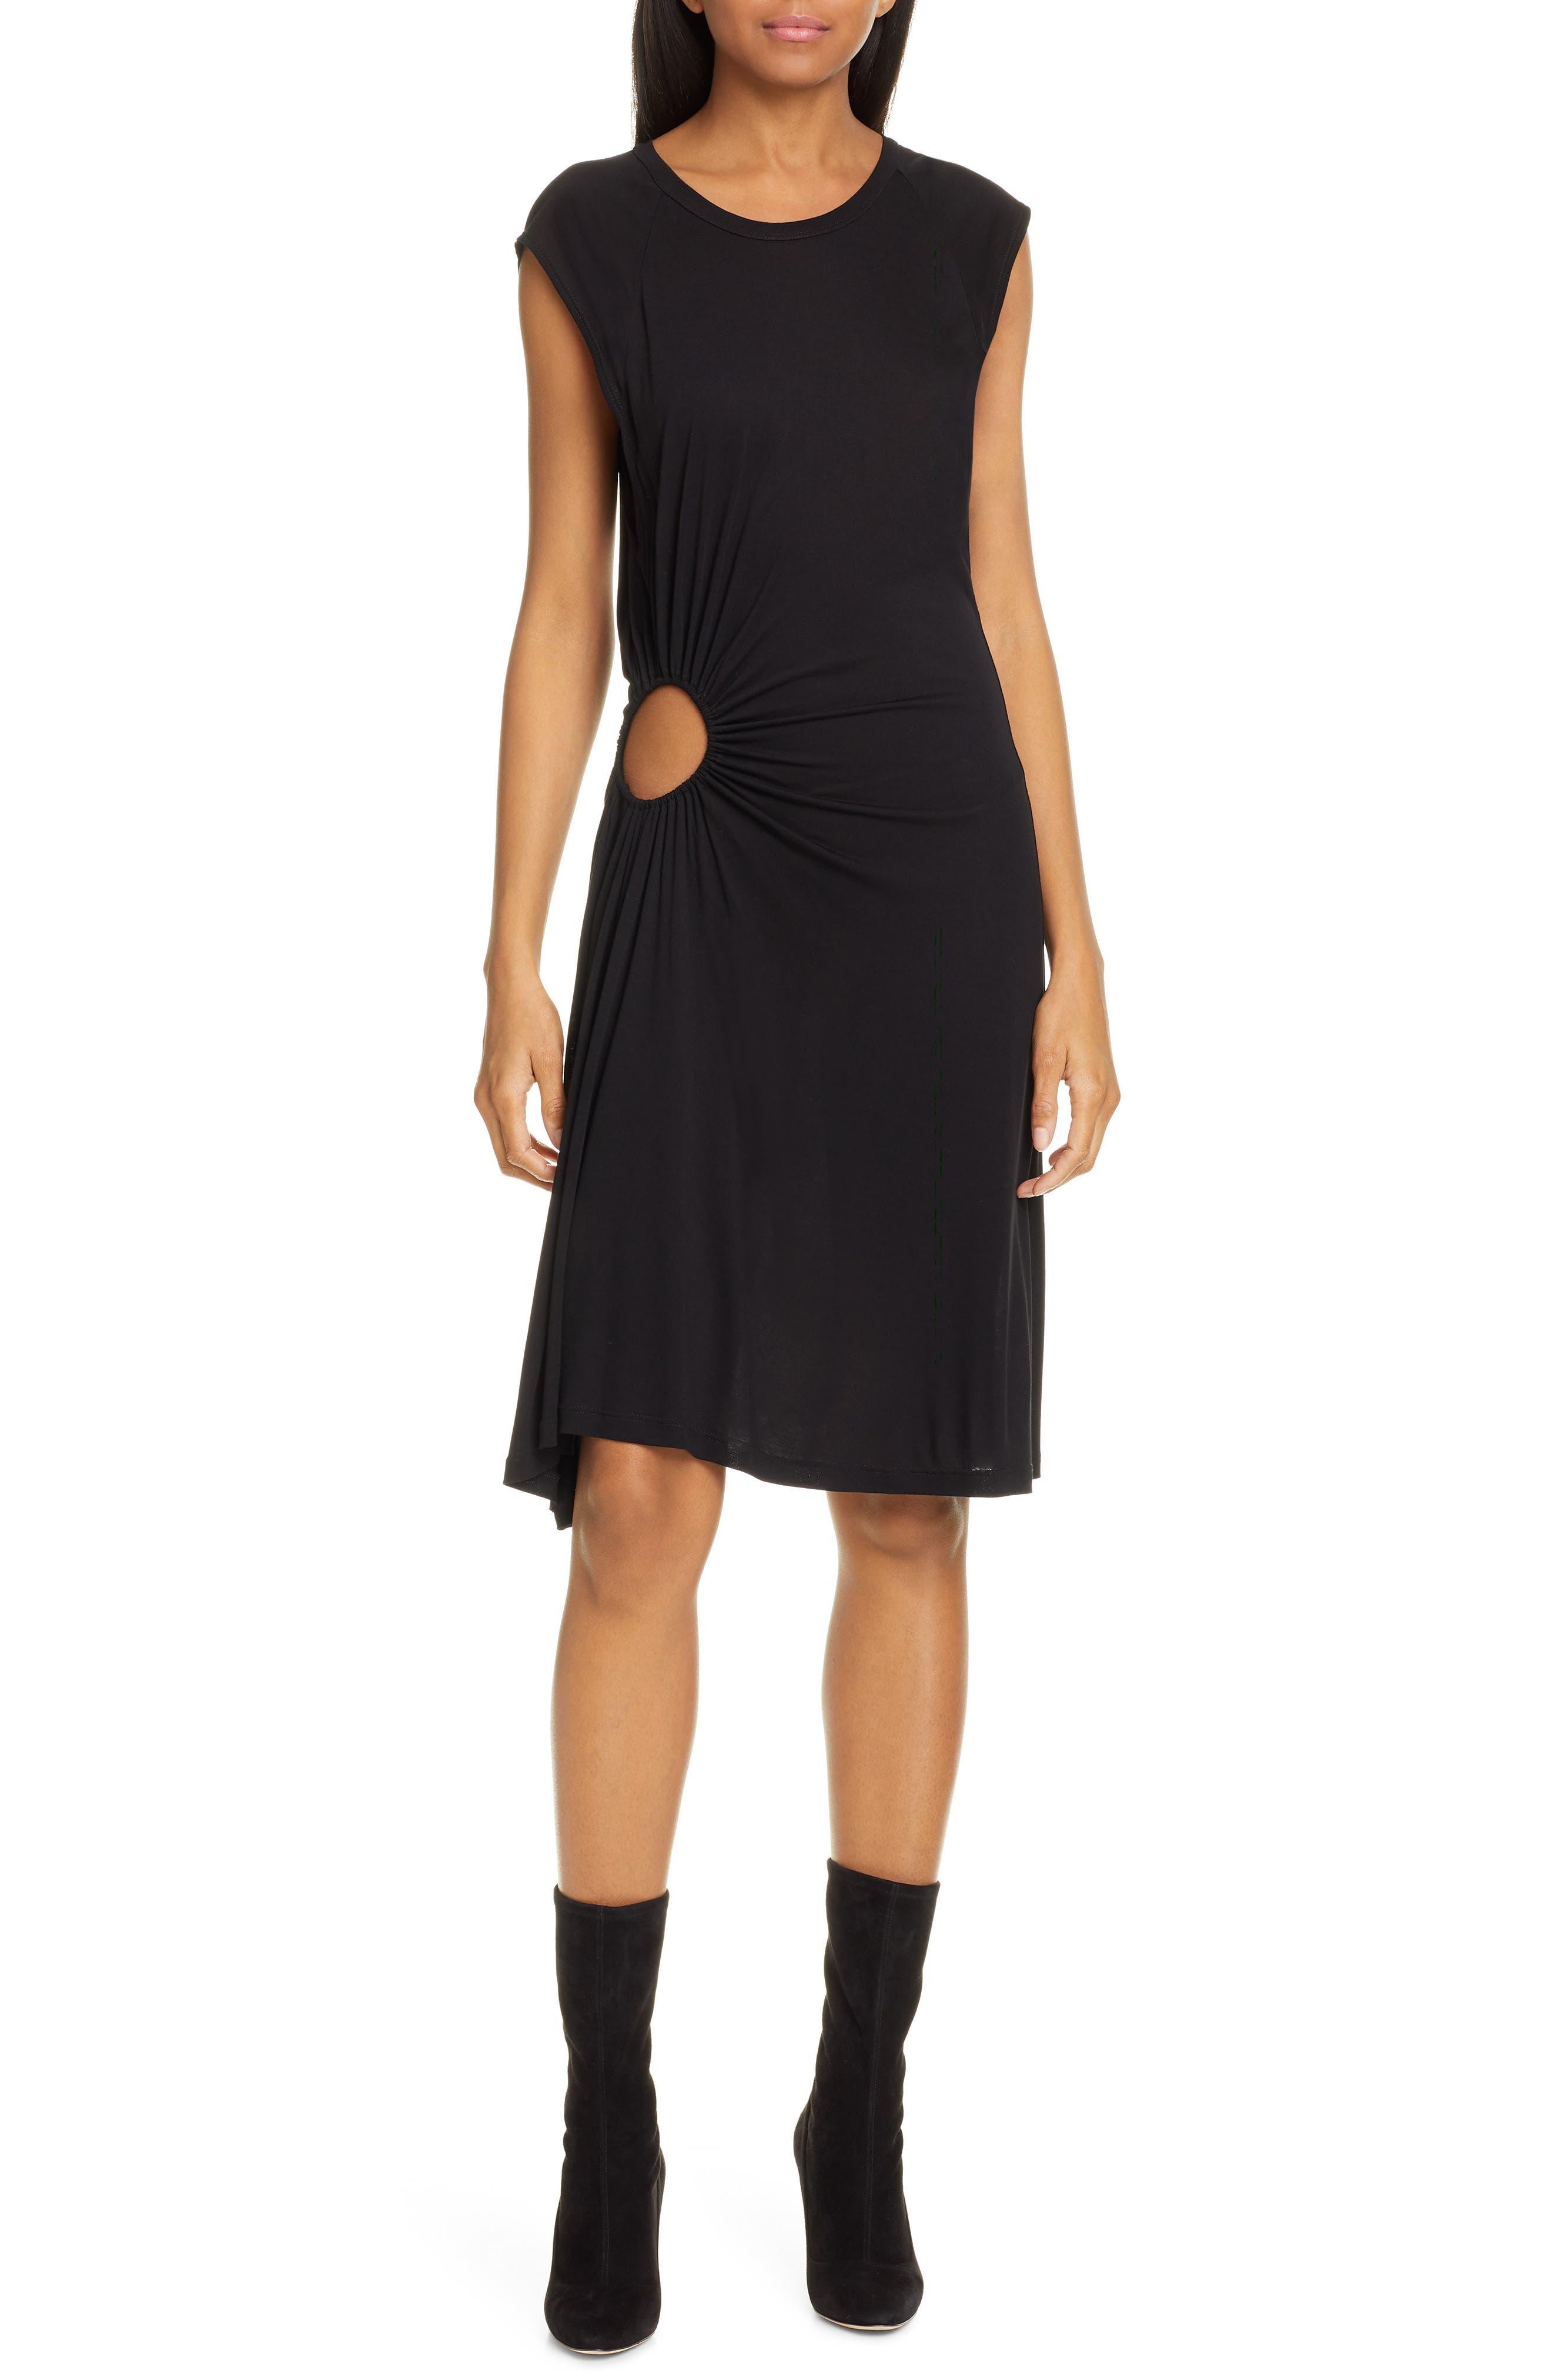 A.l.c. Hartwell Side Cutout Dress, Black